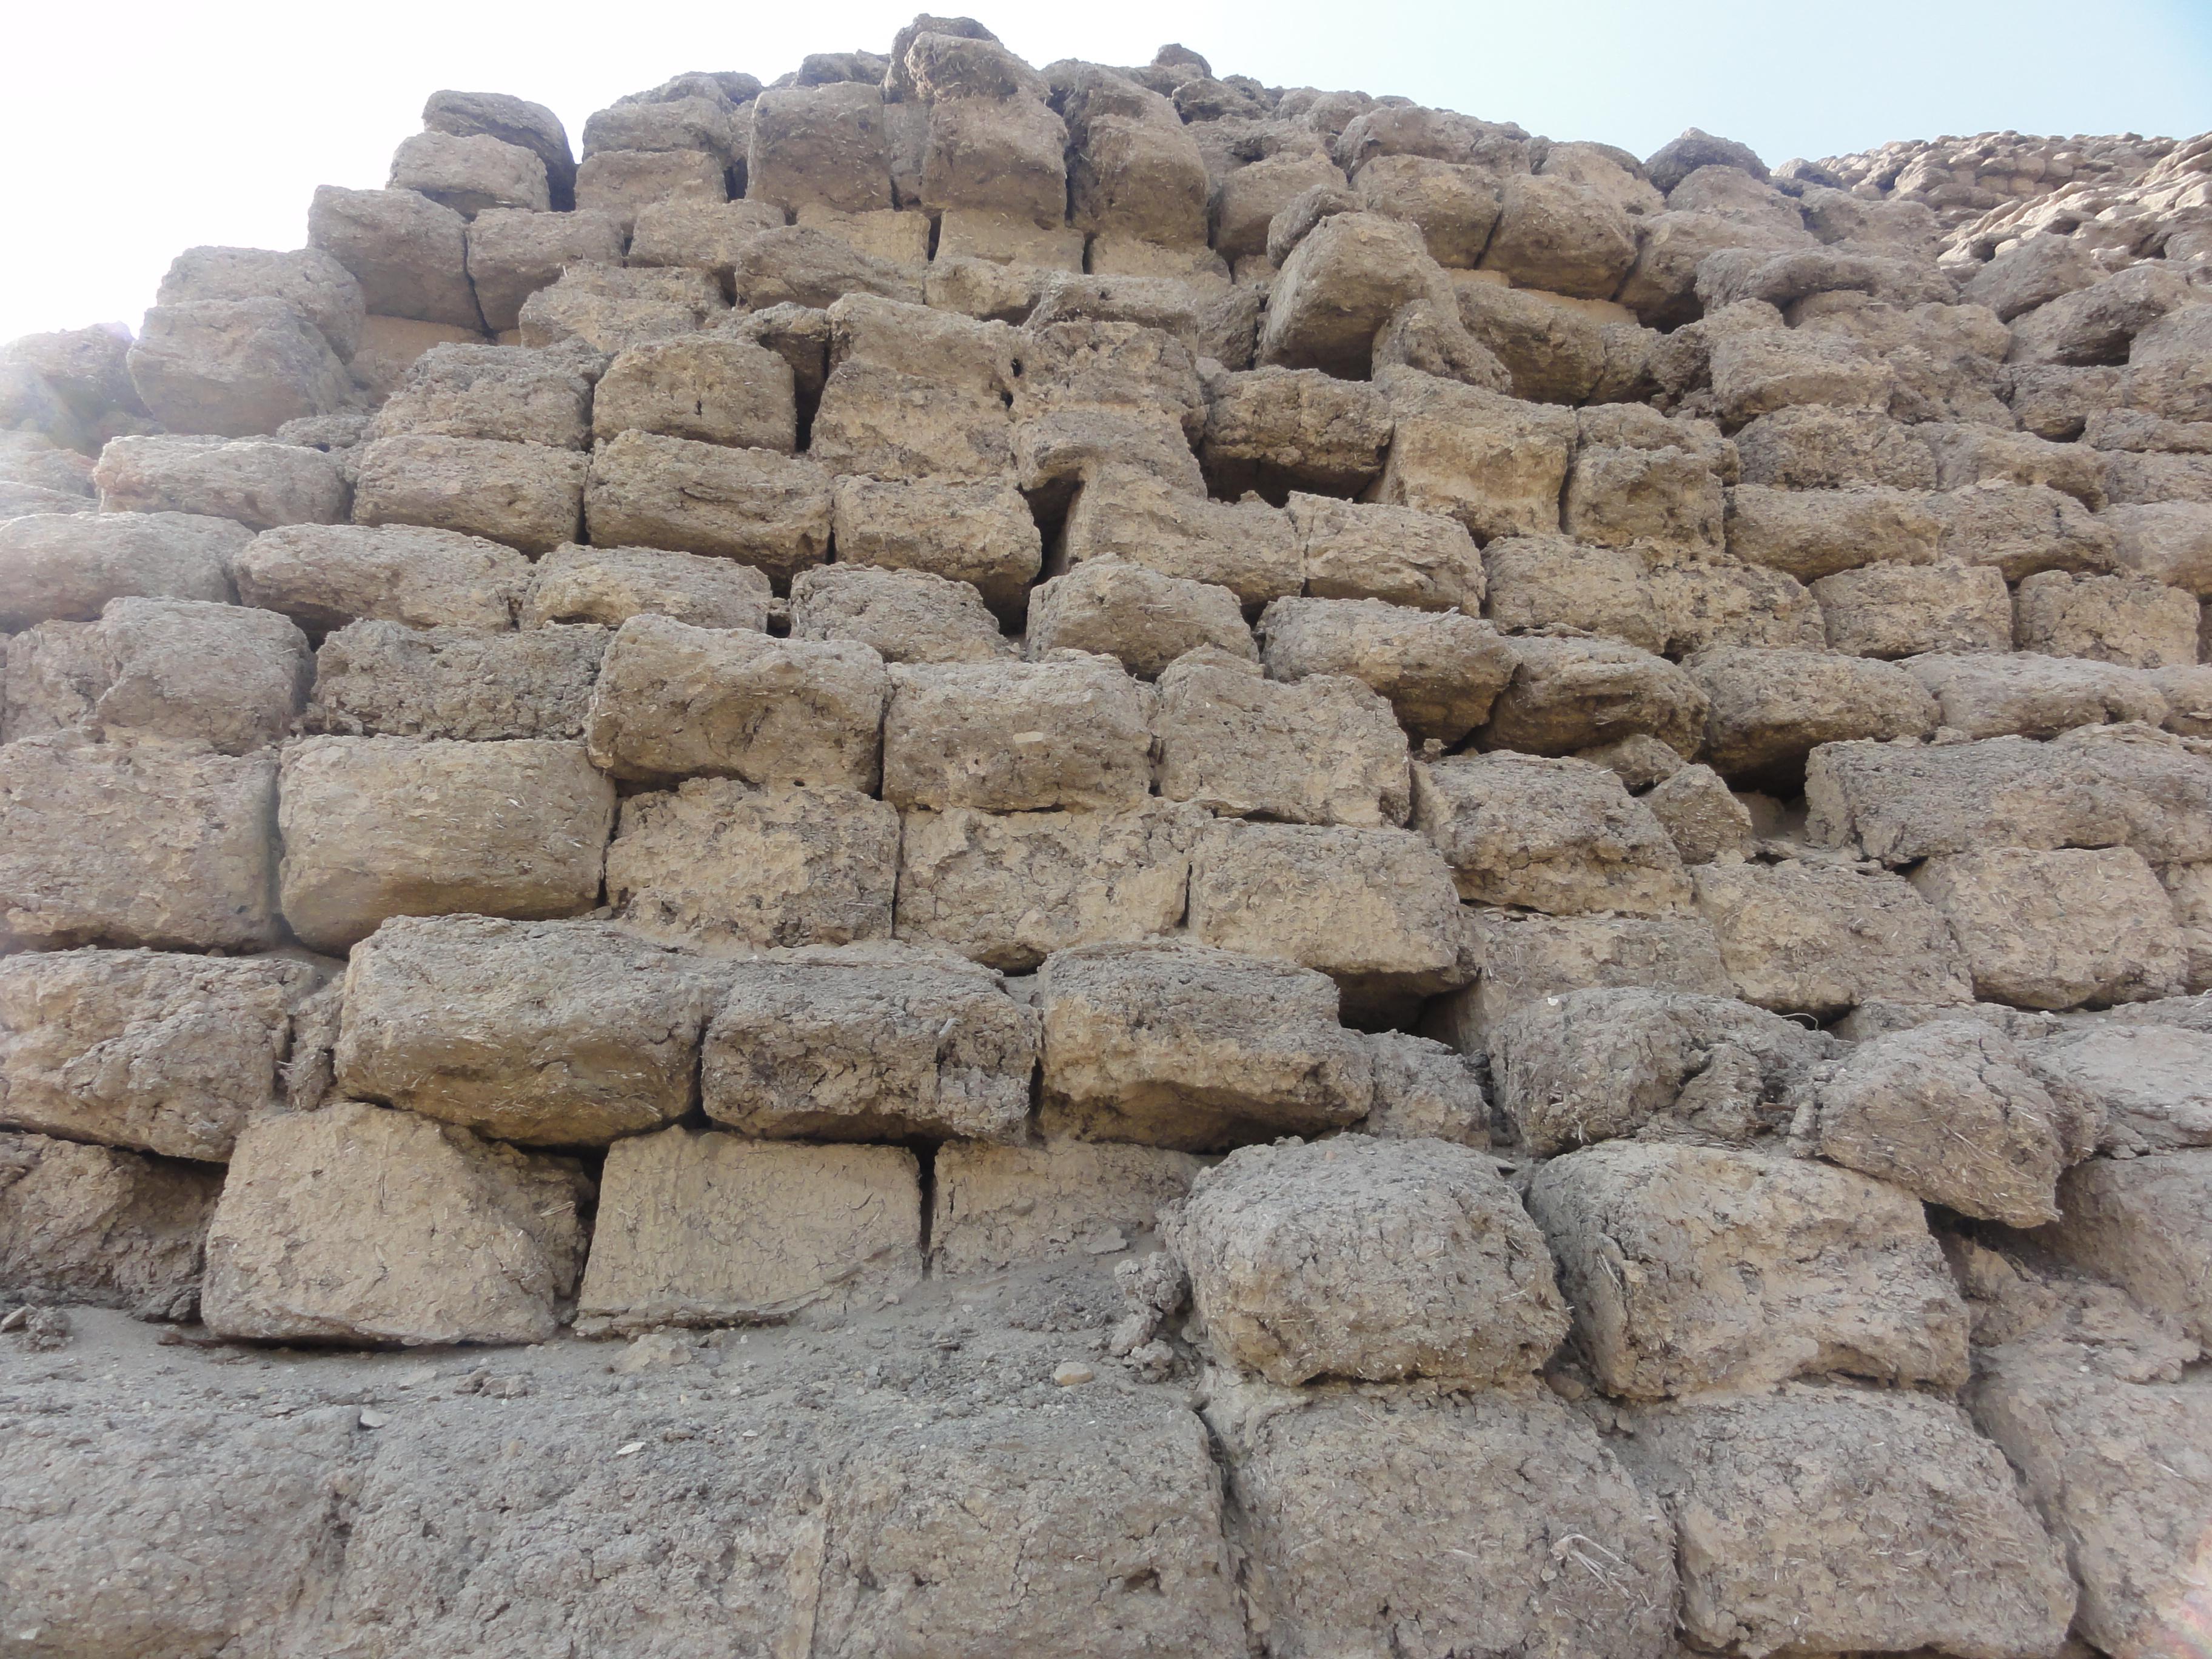 上图:古埃及第十二王朝阿蒙涅姆赫特三世(Amenemhat III,主前1860–1814年在位)金字塔,用泥砖建造。